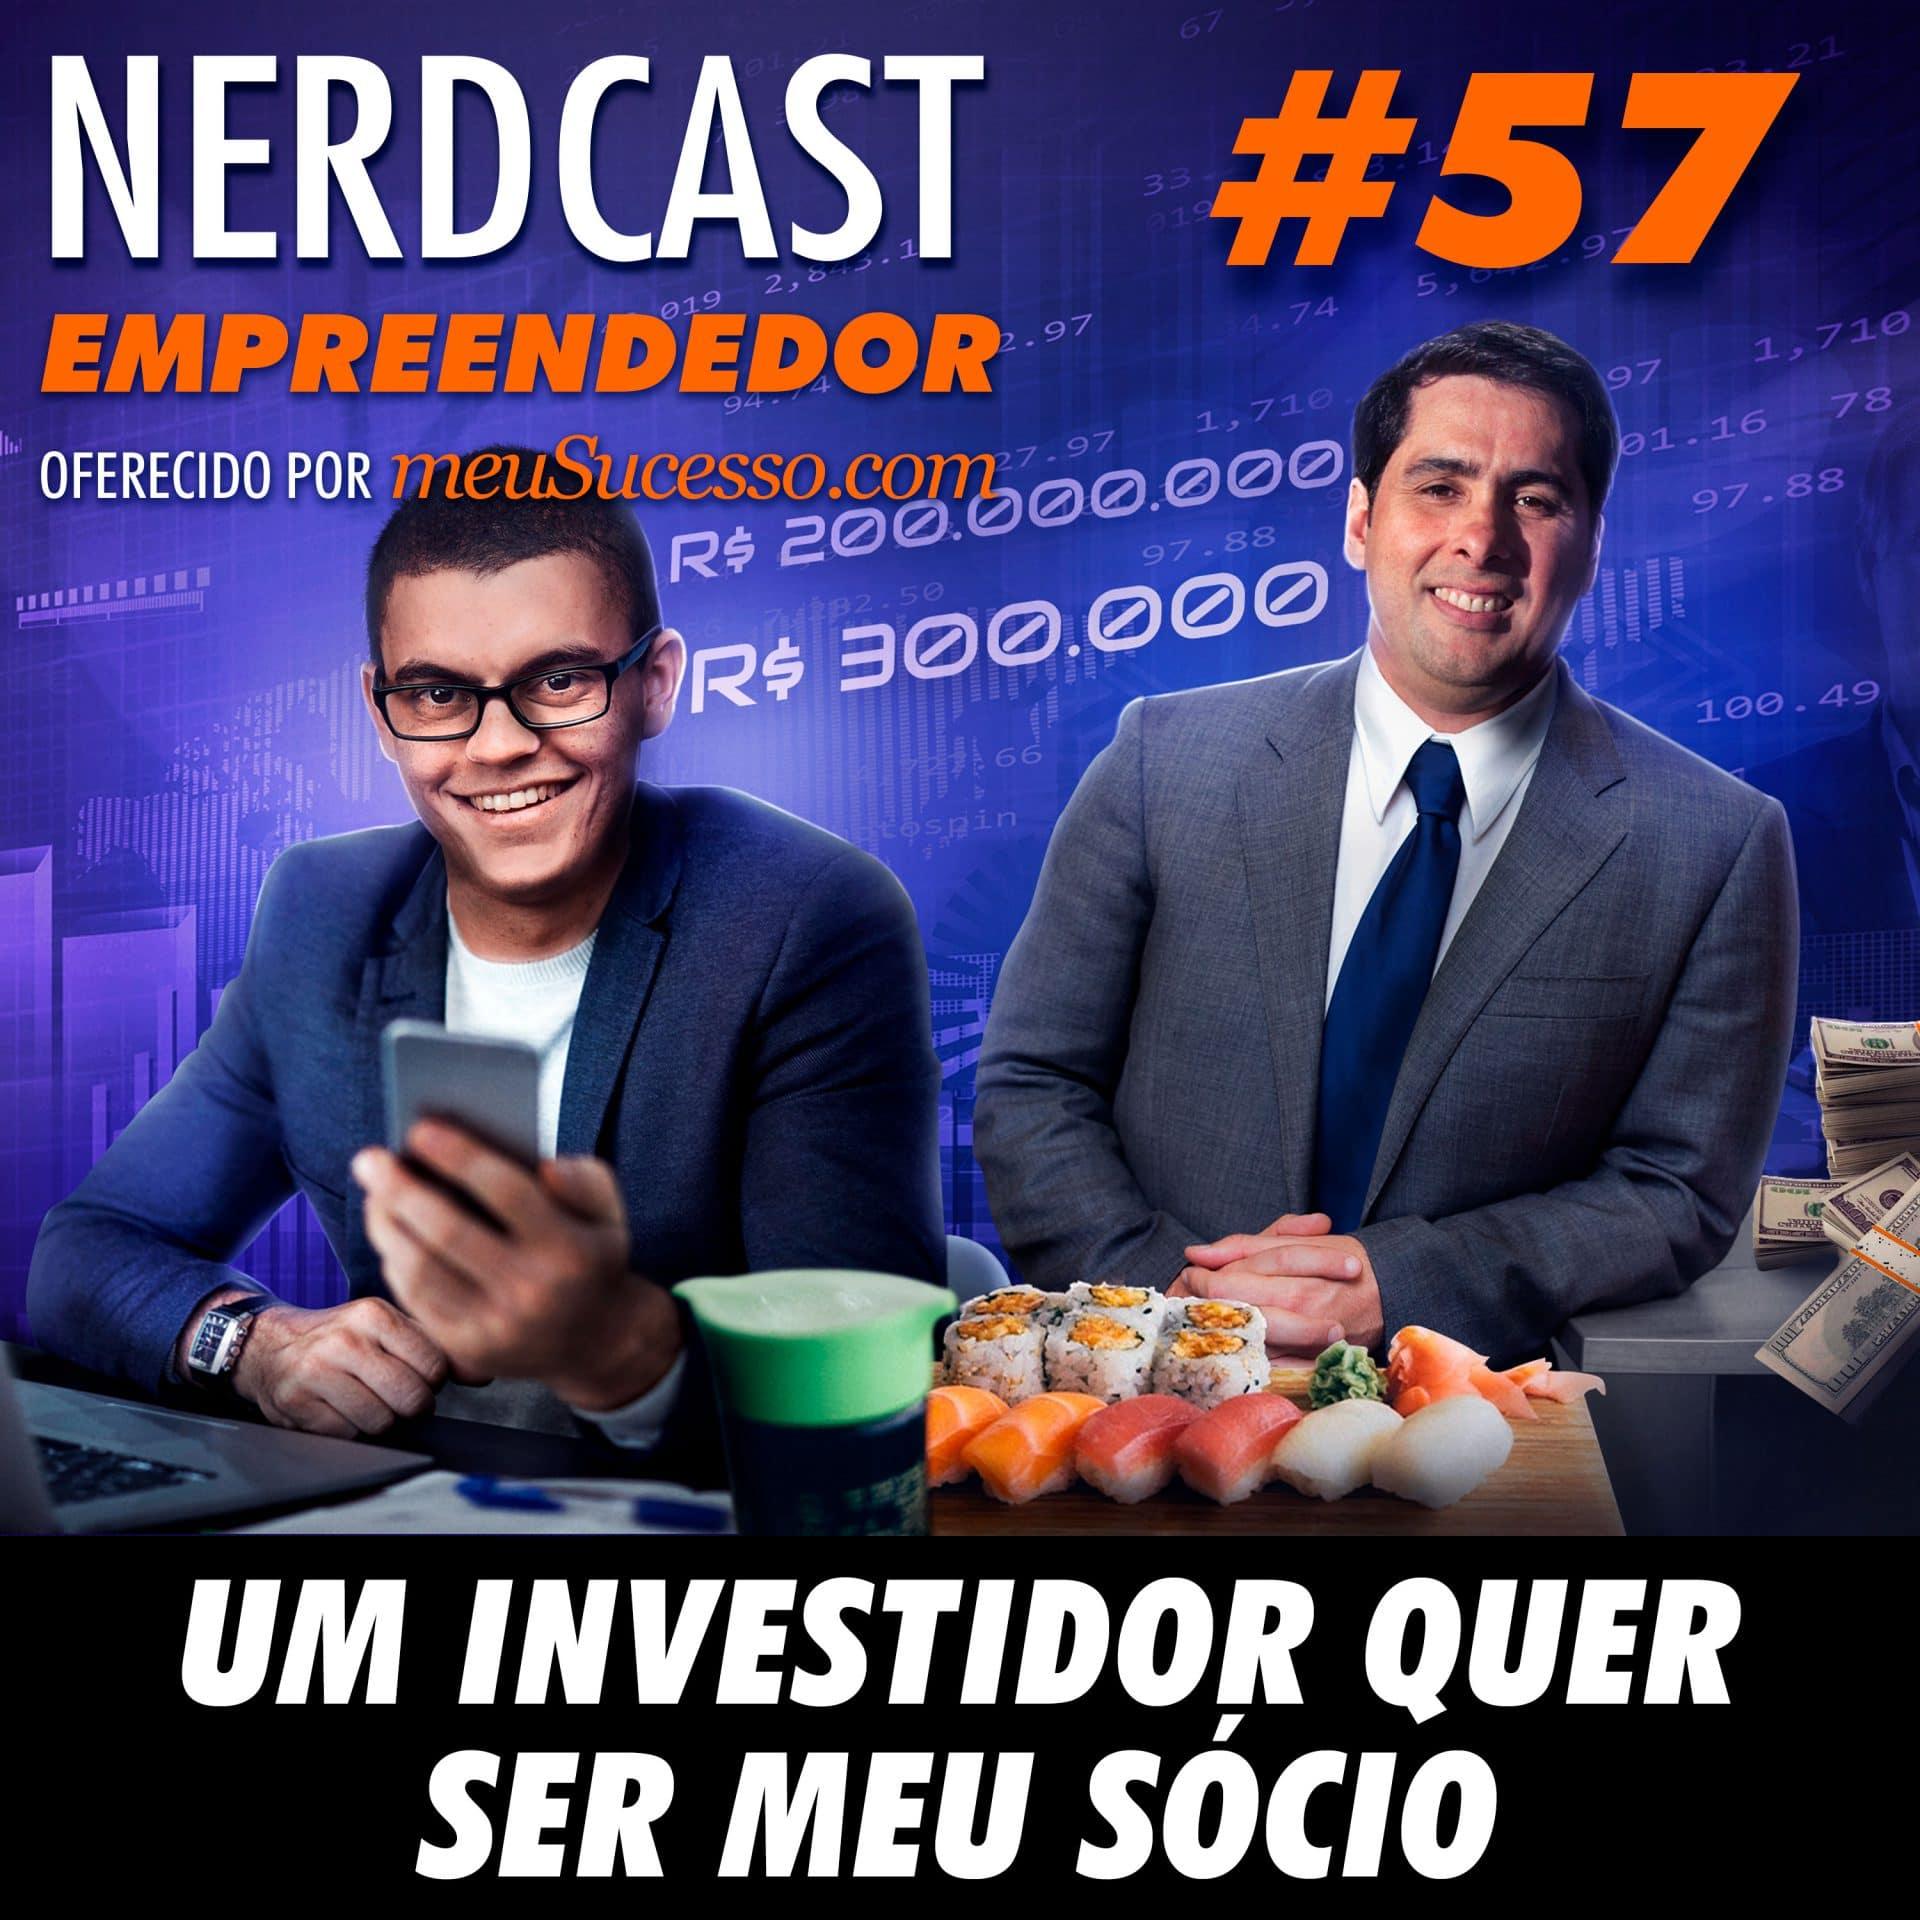 Empreendedor 57 - Um investidor quer ser meu sócio